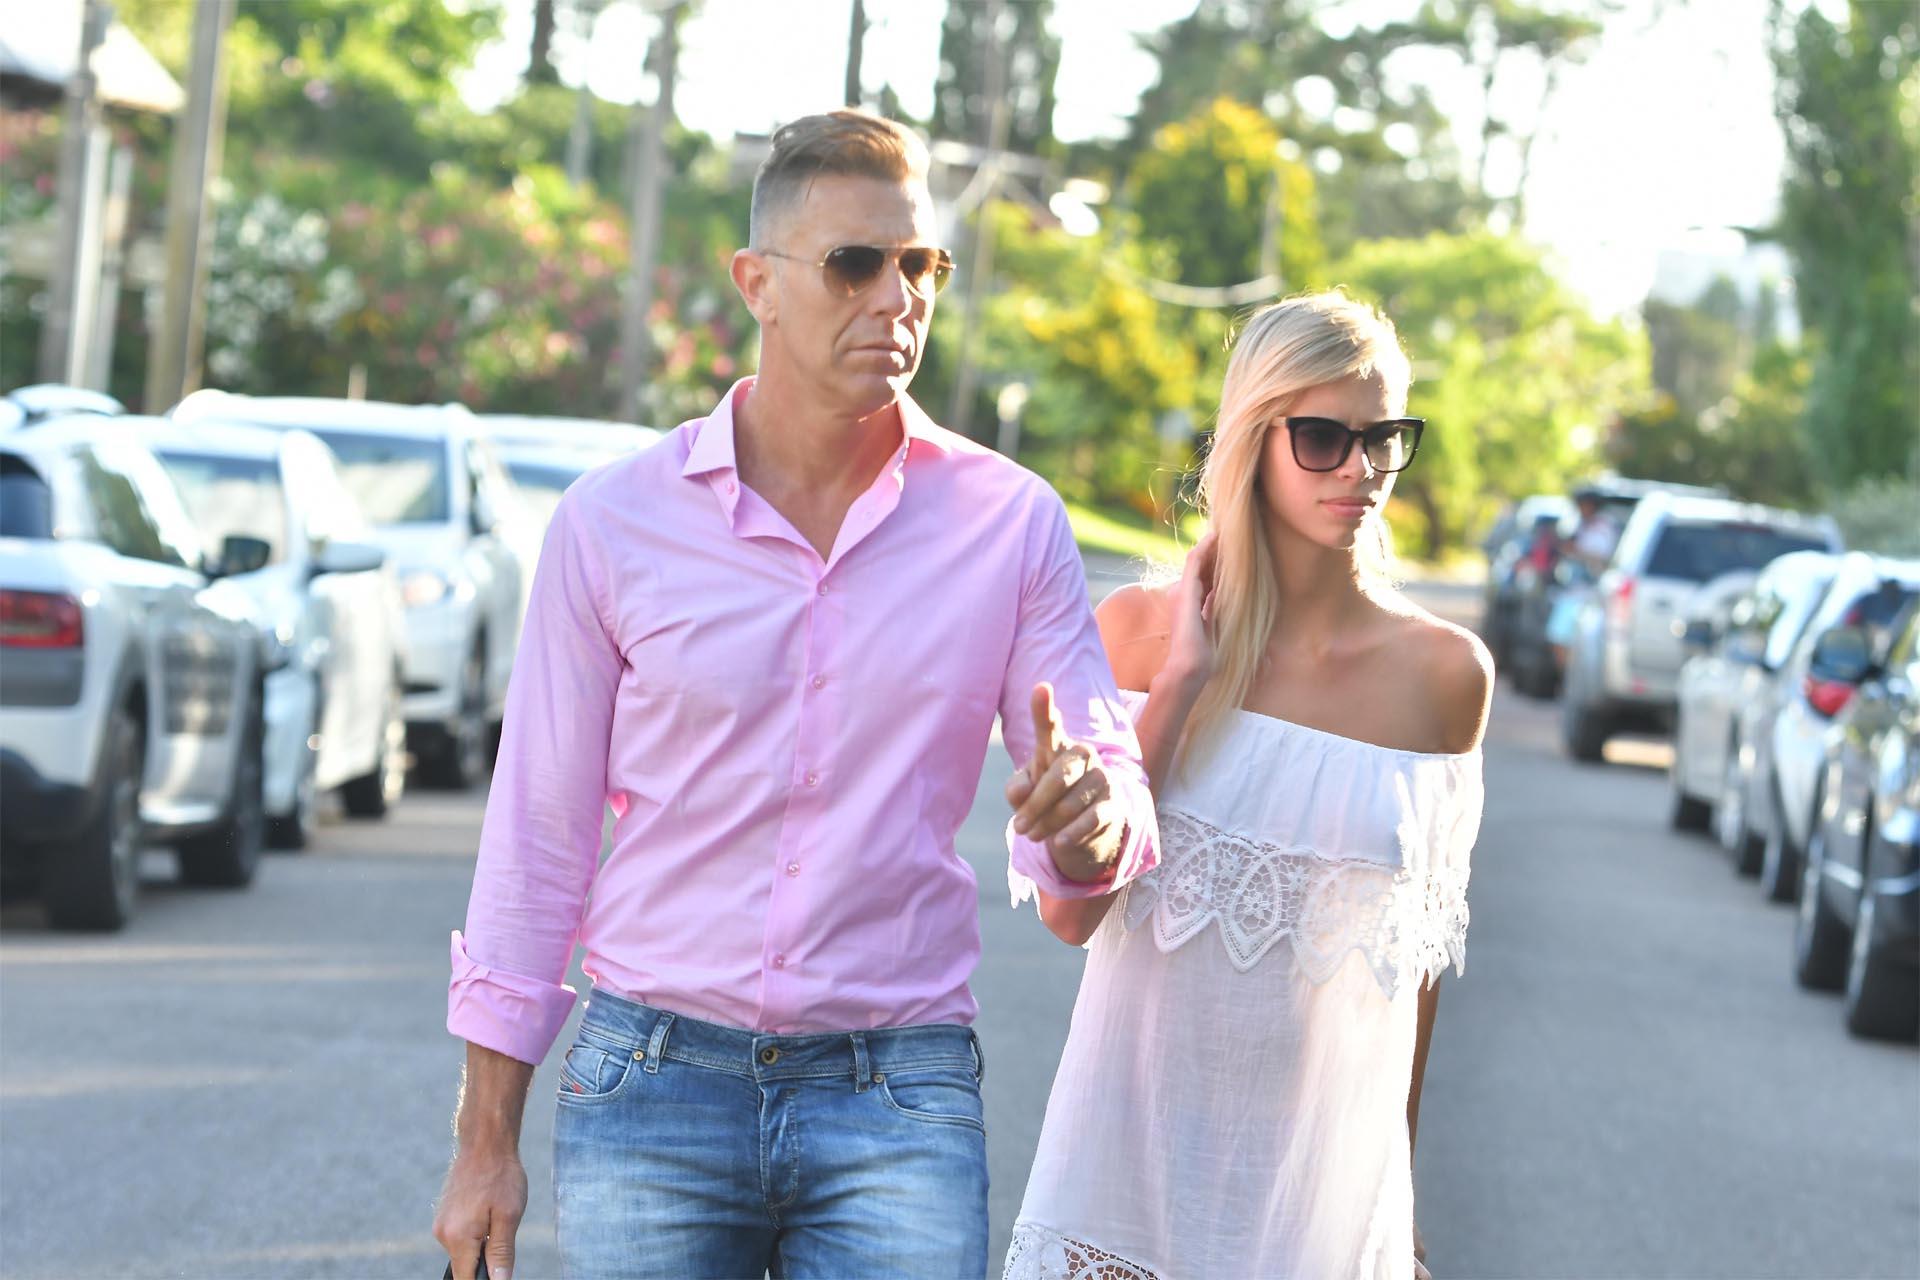 Alejandro Fantino apostó nuevamente al amor, tras su divorcio con Miriam Lanzoni. El conductor viajó a Punta del Este con su nueva pareja: Coni Mosqueira, una modelo de 24 años